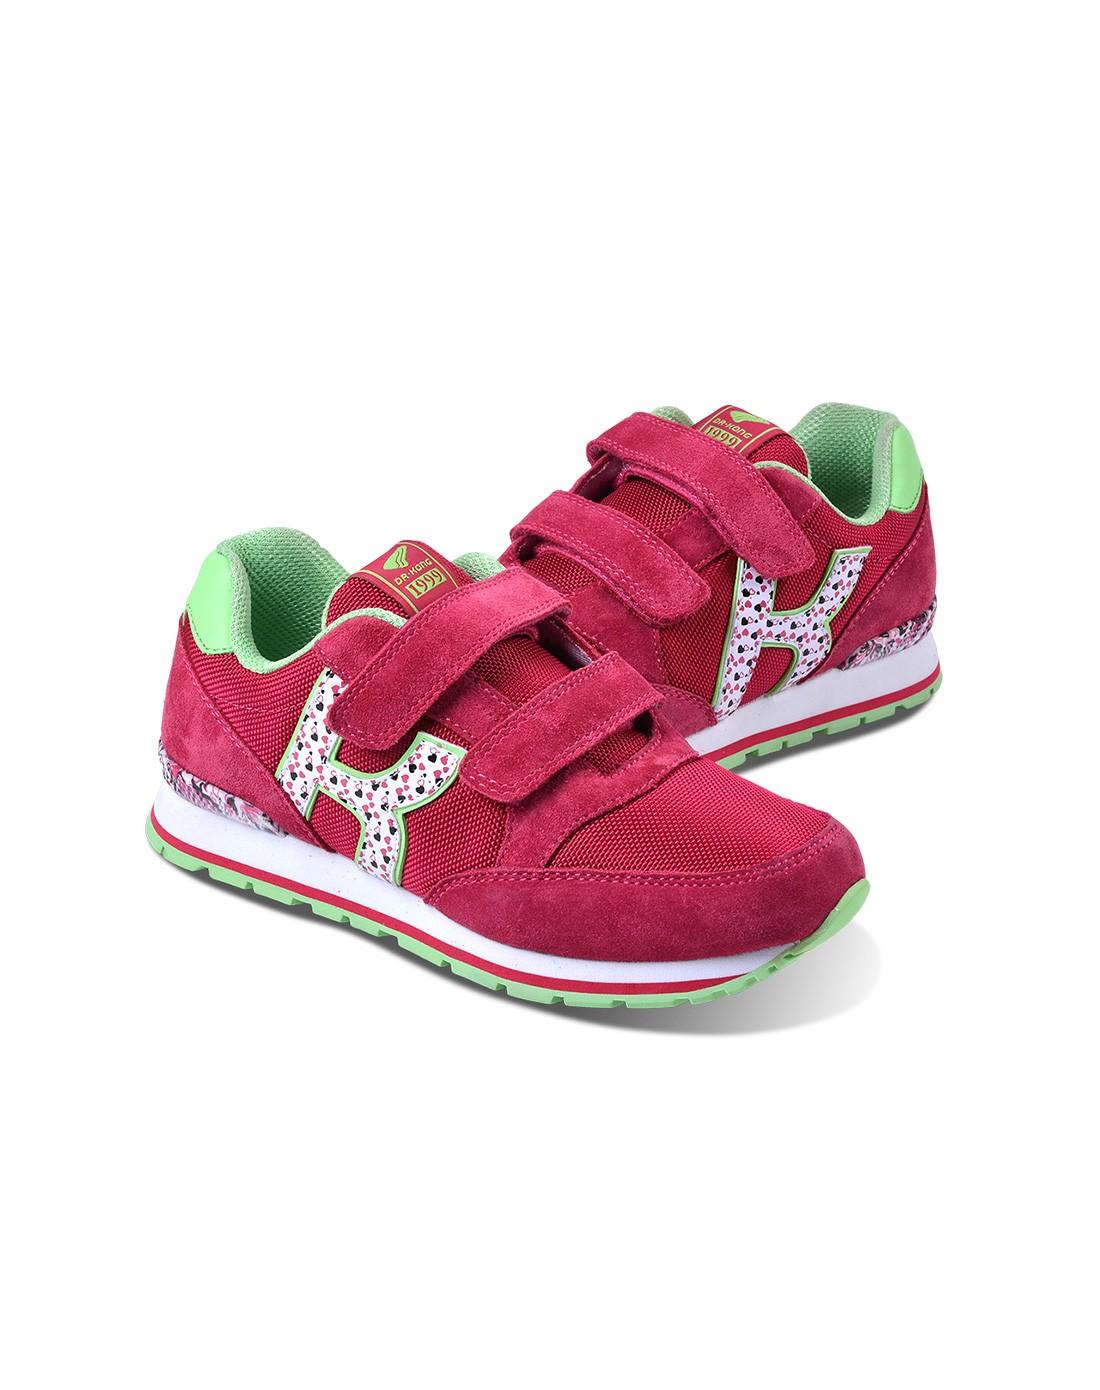 江博士儿童鞋包专场女桃红色儿童运动鞋c614303-chr